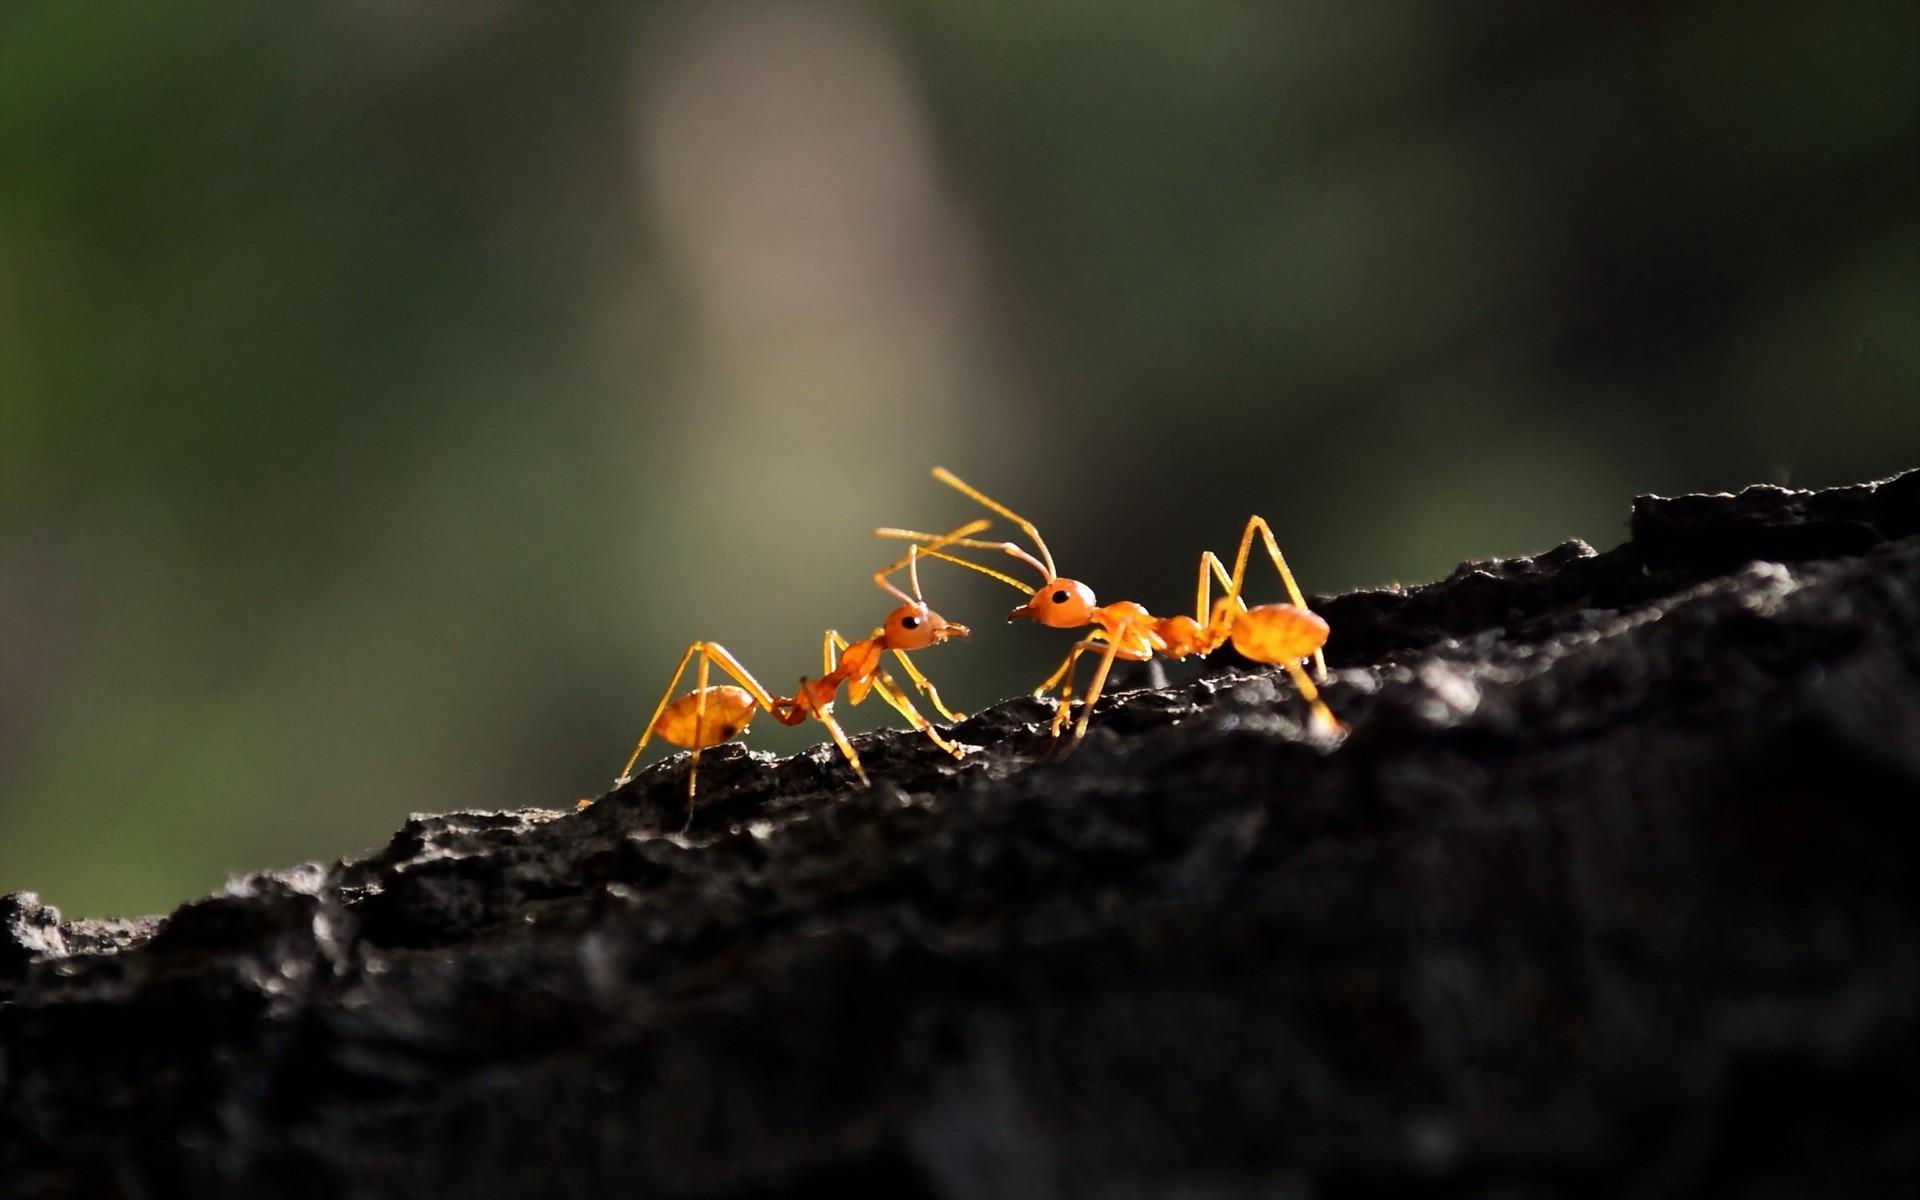 Vibrant Wallpapers Hd Backgrounds: Como Eliminar Hormigas Del Compost